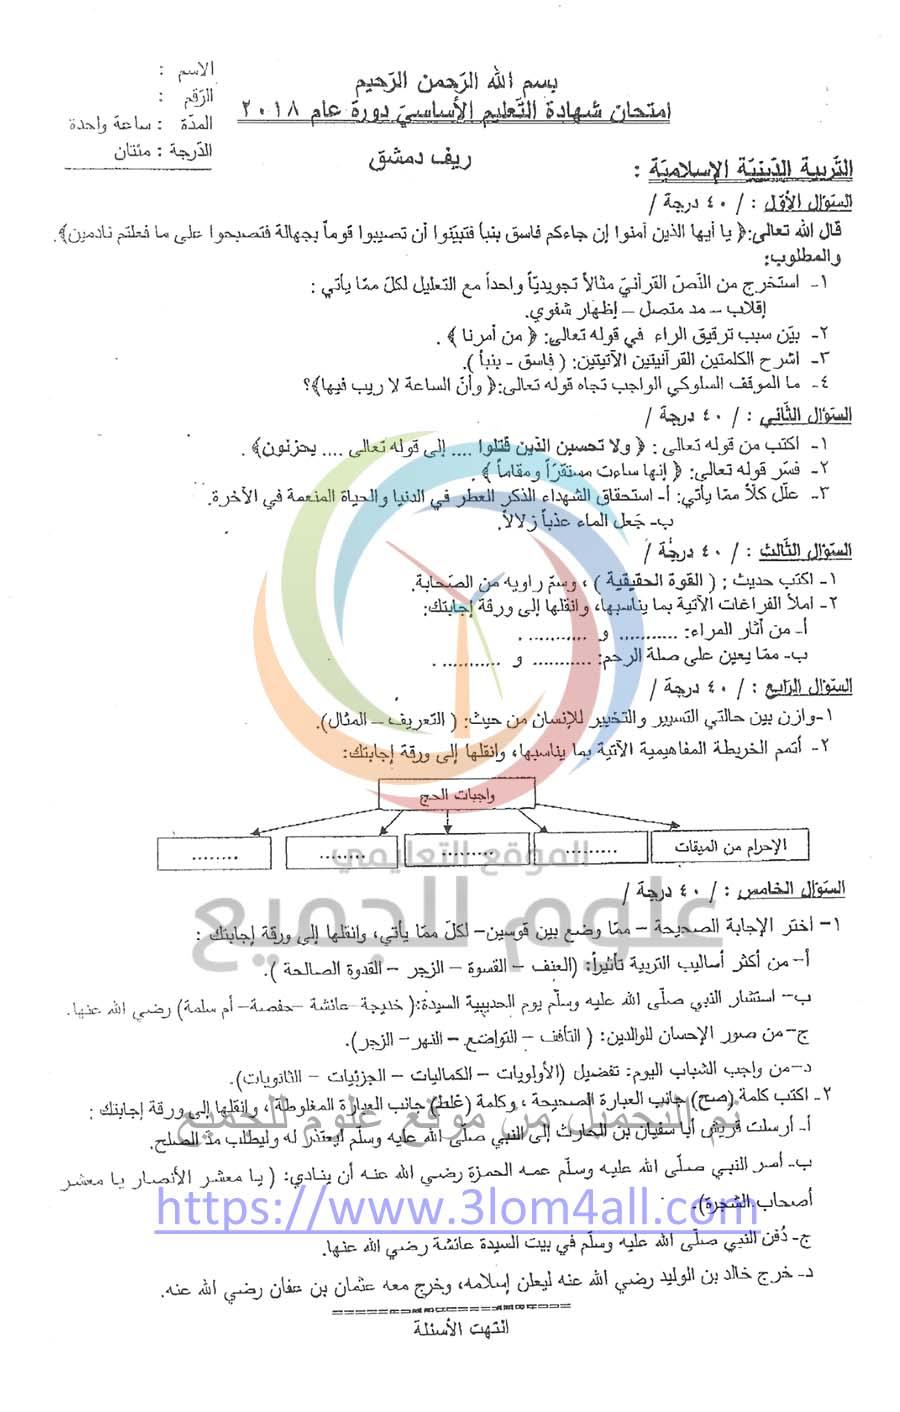 ريف دمشق ورقة اسئلة وزارة التربية للديانة للصف التاسع دورة 2018 - الامتحان النهائي